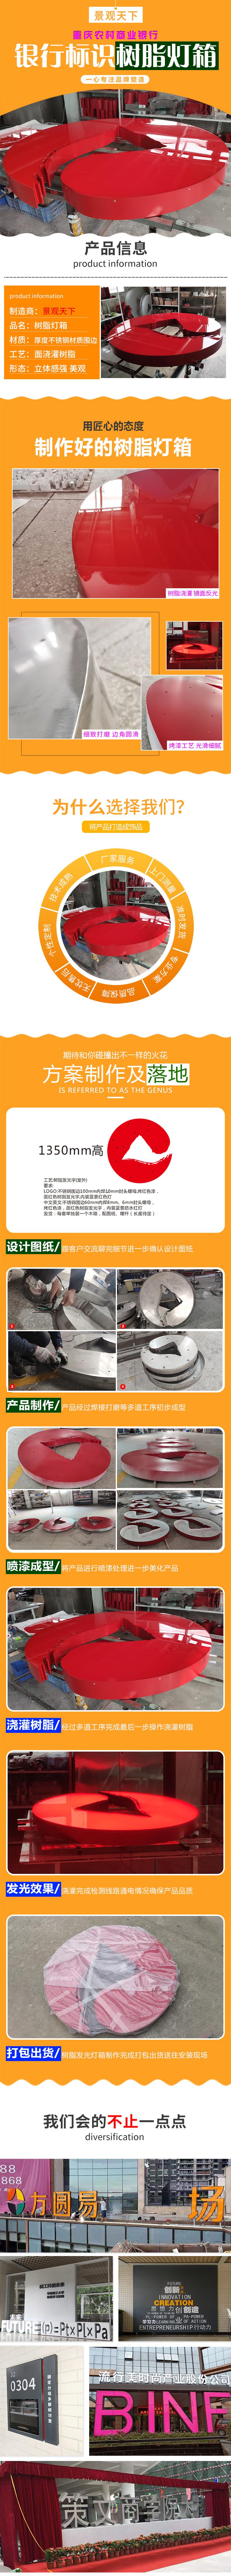 重庆农村商业银行(logo)树脂灯箱